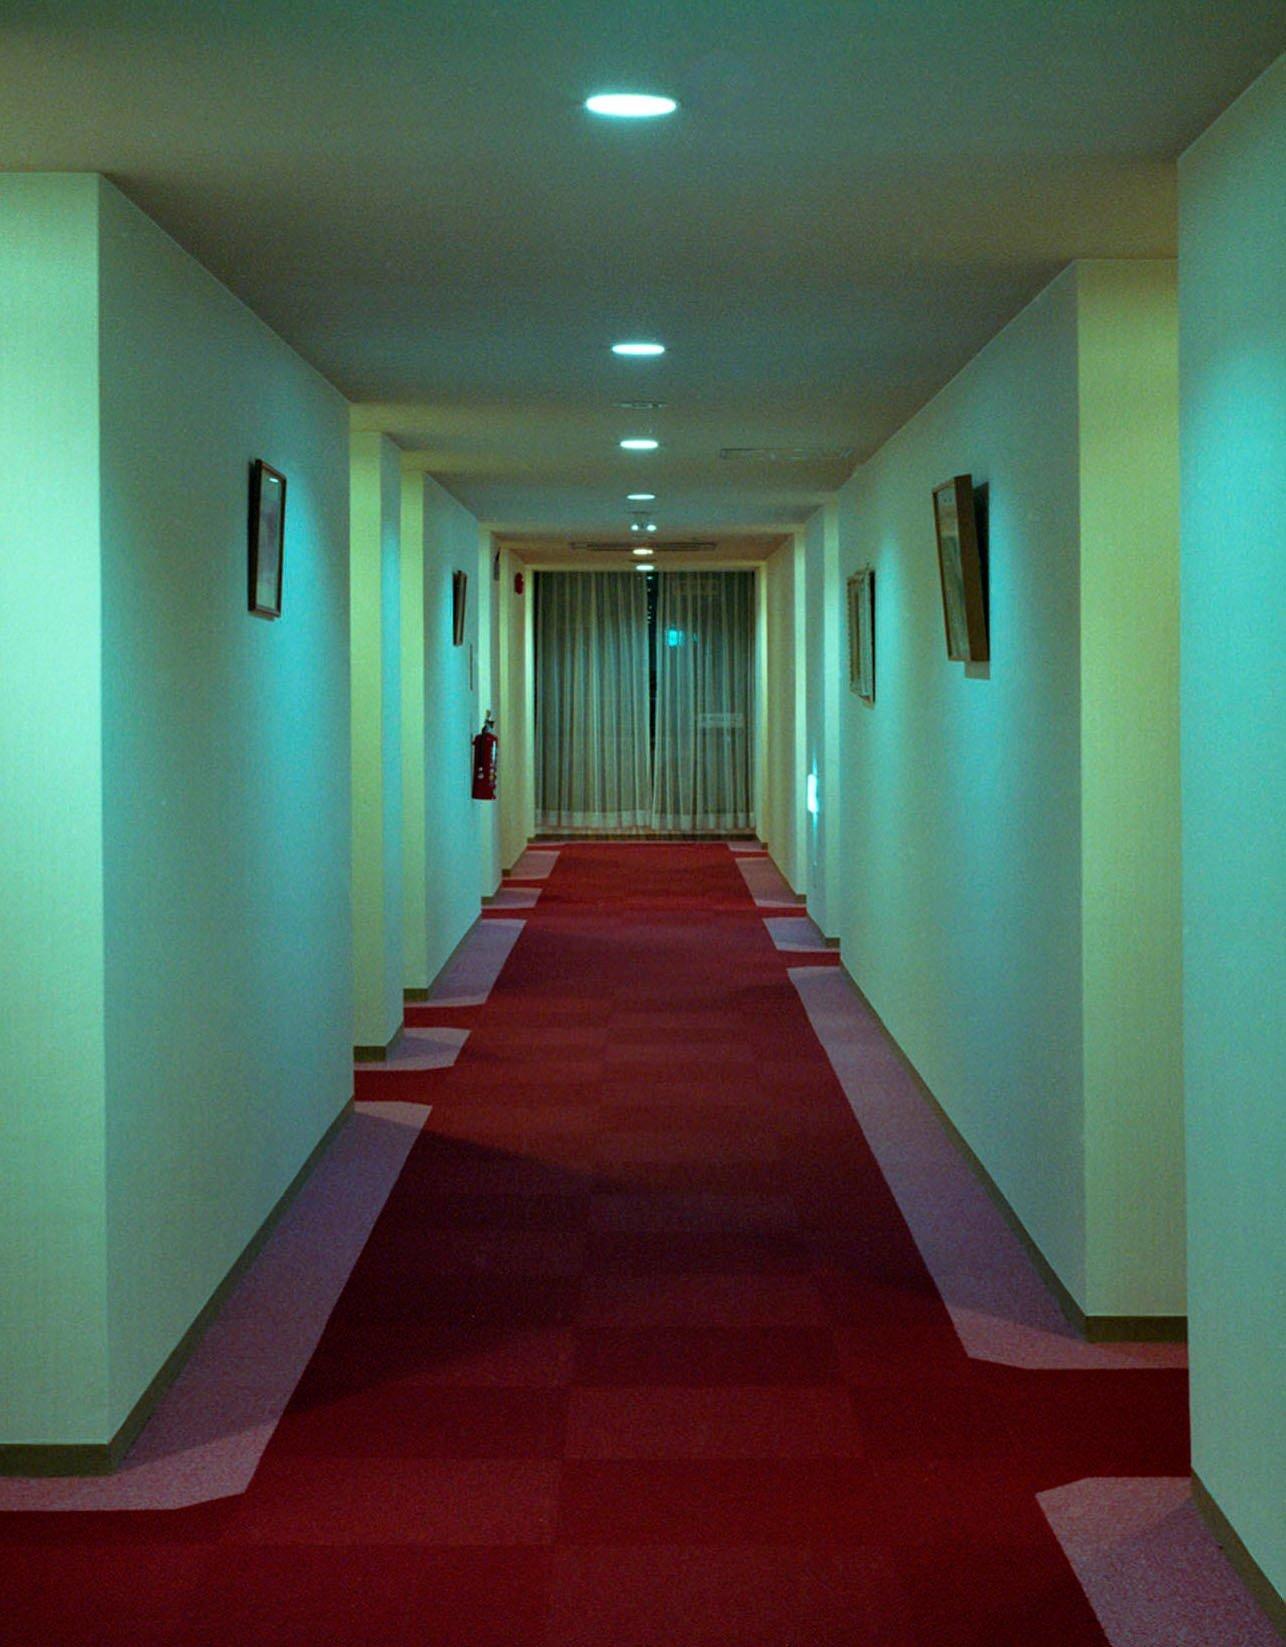 Hotel Hallway, Okinawa City